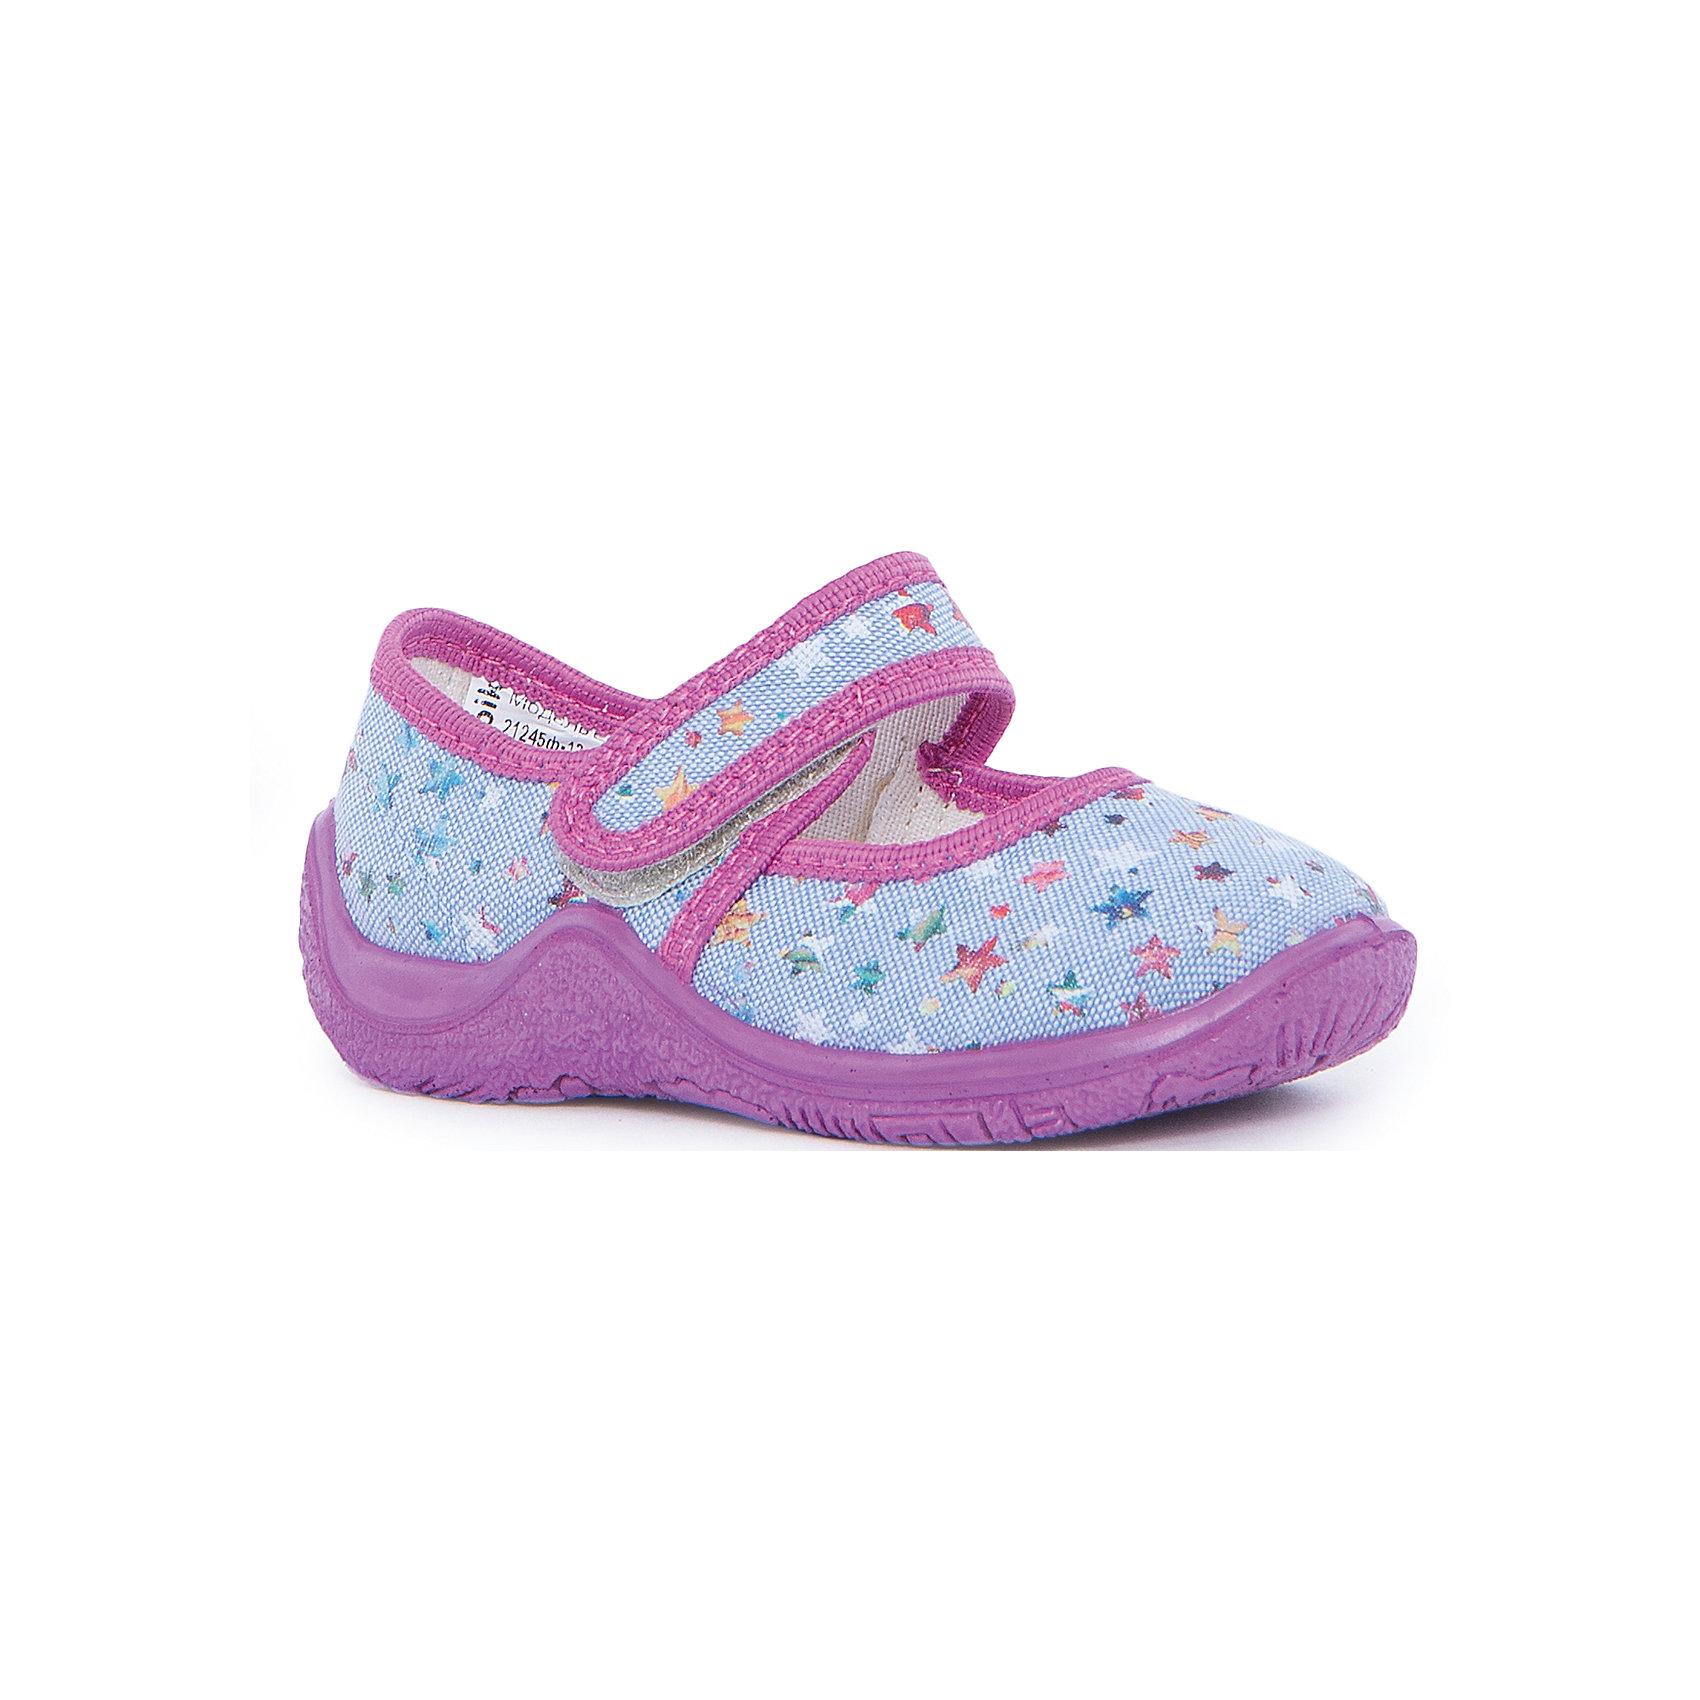 Туфли для девочки KAPIKAТуфли для девочки KAPIKA станут отличным вариантом для самых маленьких. В таких туфельках будет особенно удобно и приятно делать первые шаги. Порадуйте себя и свою малышку таким замечательным подарком. <br><br>Характеристика:<br>-Цвет: голубой+розовый<br>-Материал: верх: текстиль, стелька - кожа,                       подошва - полимер,                       подкладка - текстиль<br>-Застёжка: липучка<br>-Бренд: KAPIKA(КАПИКА)<br><br>Туфли для девочки KAPIKA  вы можете приобрести в нашем интернет- магазине.<br><br>Ширина мм: 227<br>Глубина мм: 145<br>Высота мм: 124<br>Вес г: 325<br>Цвет: голубой<br>Возраст от месяцев: 12<br>Возраст до месяцев: 15<br>Пол: Женский<br>Возраст: Детский<br>Размер: 21,22,23,24,25,20<br>SKU: 4987719